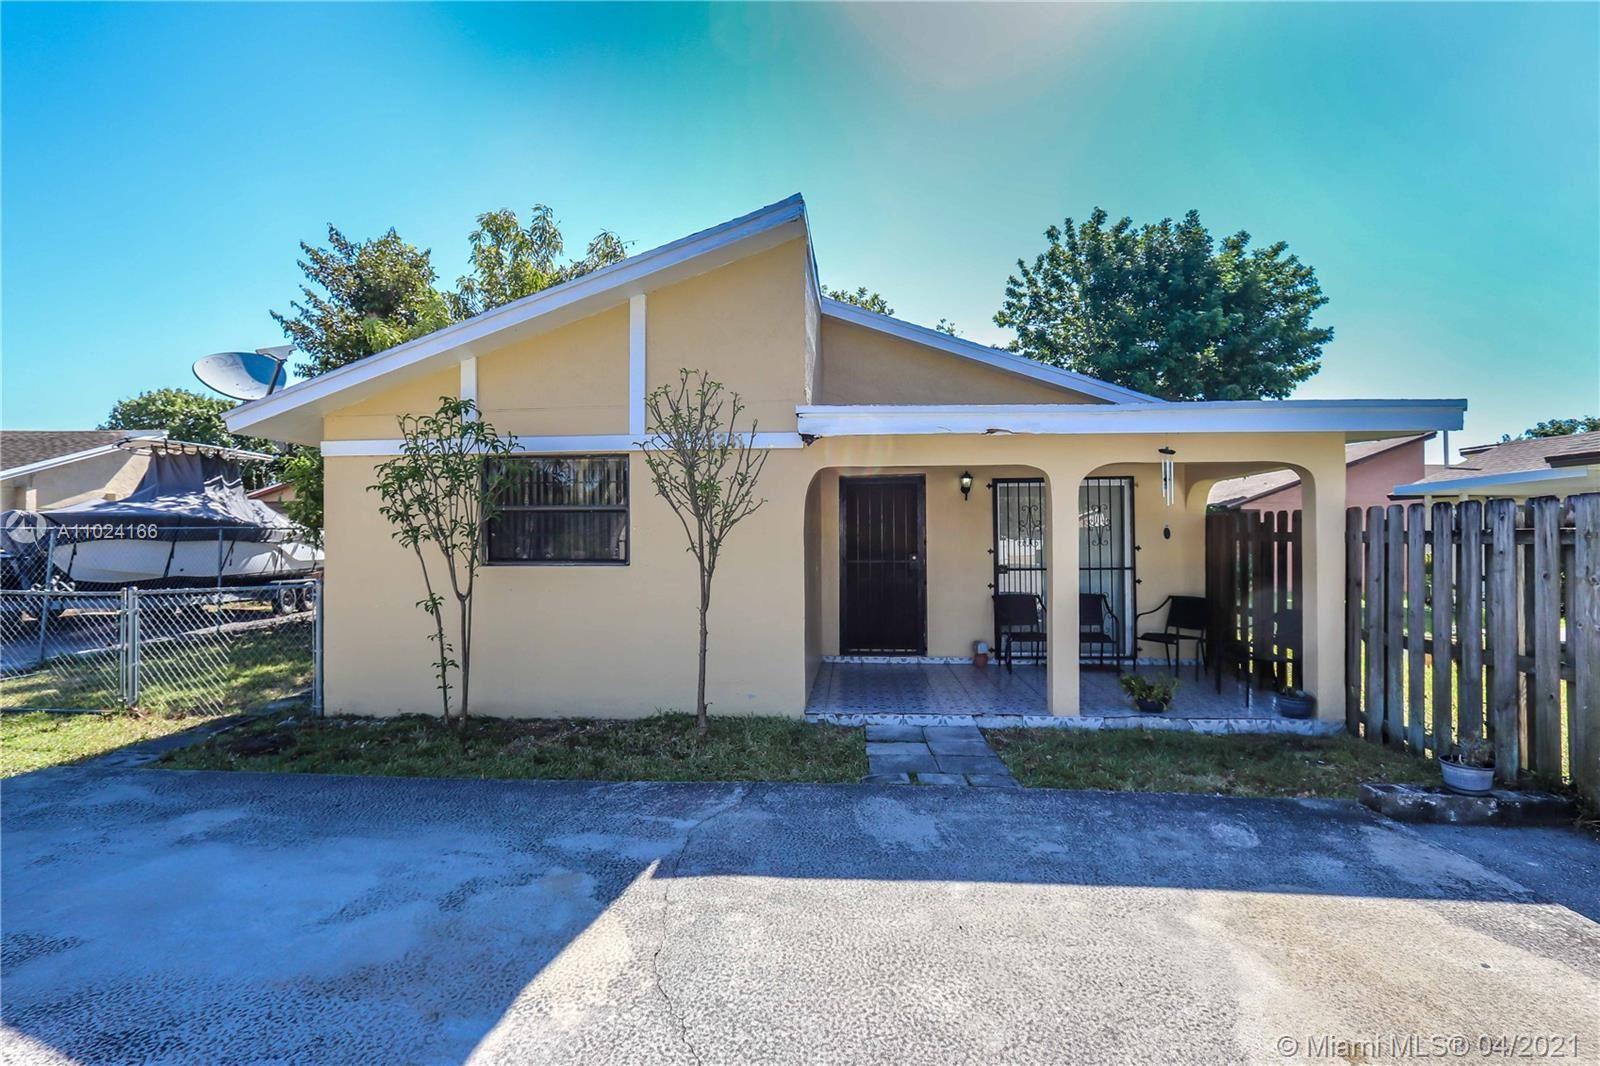 15241 SW 112th Pl, Miami, FL 33157 - #: A11024166